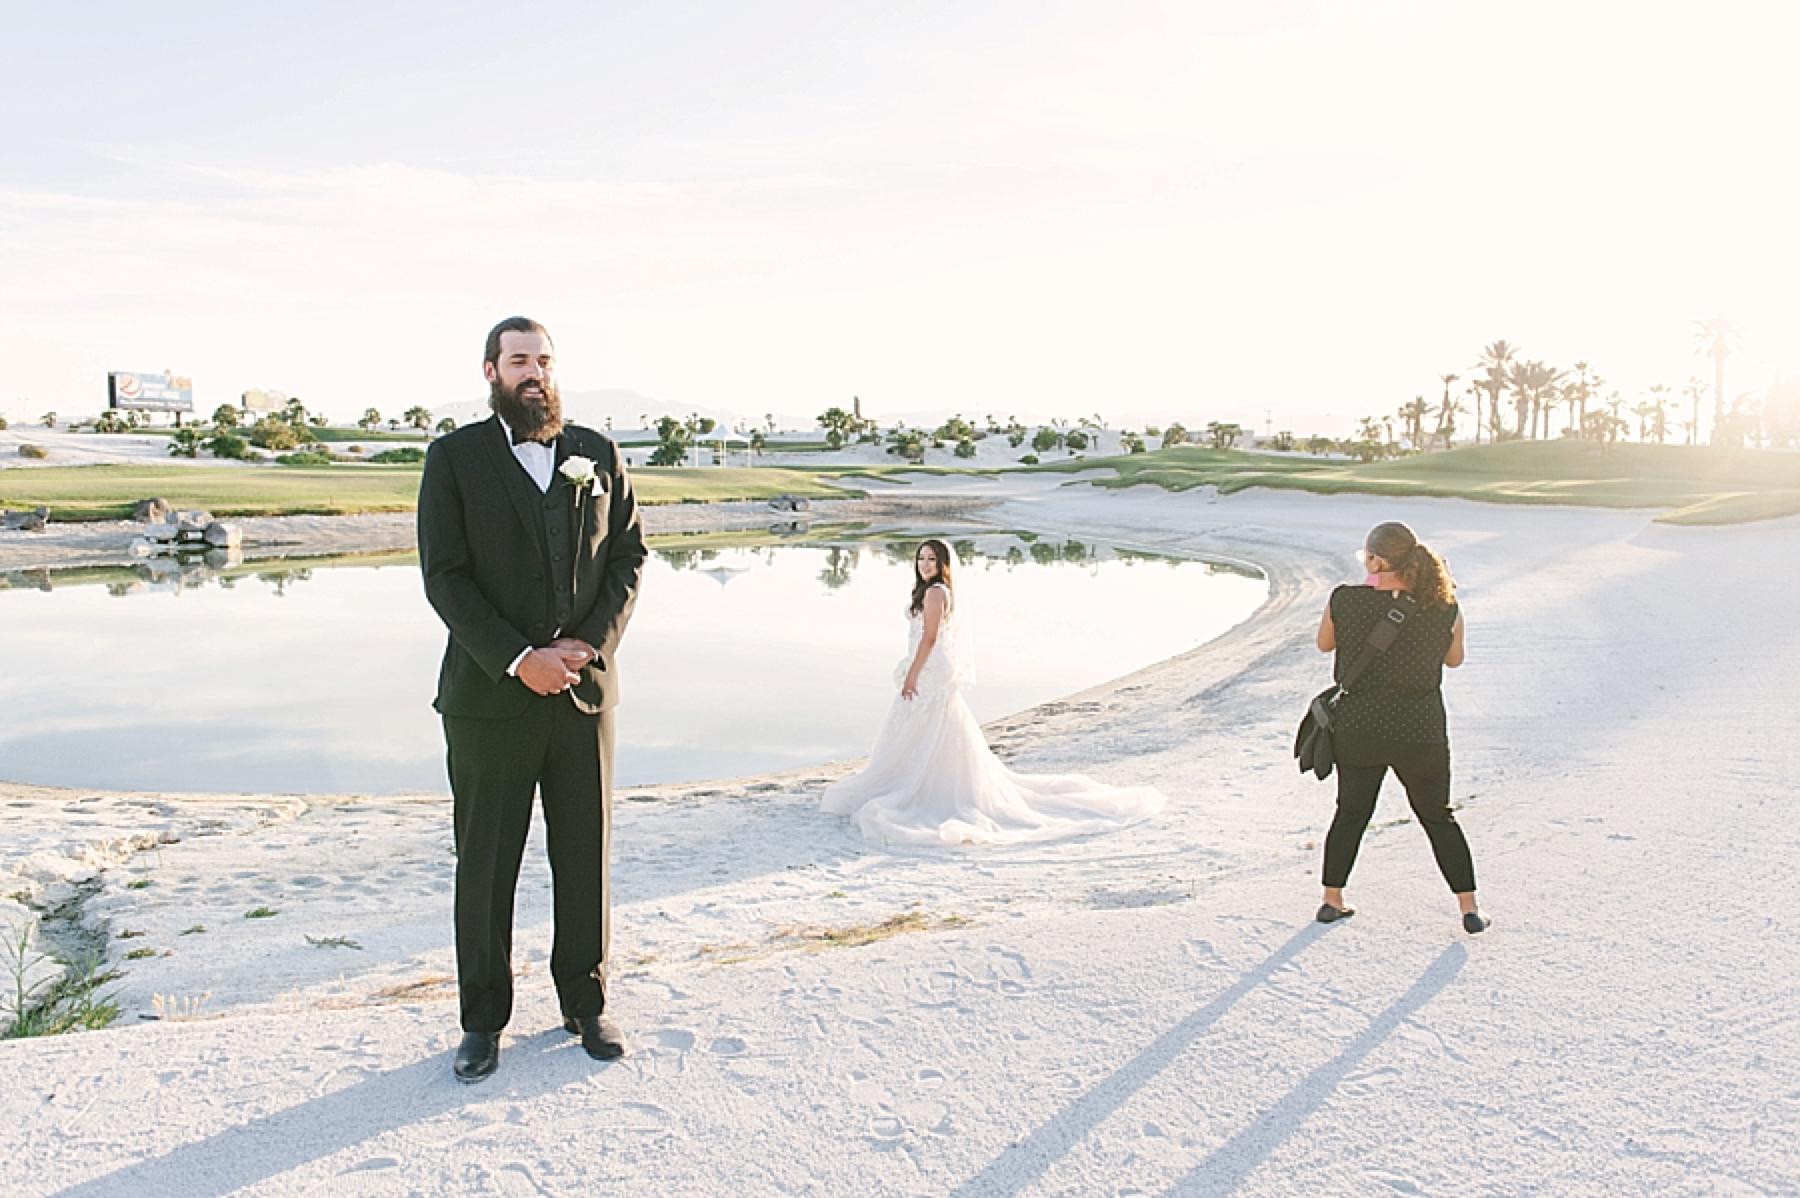 las_vegas_wedding_photographers_behind_the_scenes-08-2.jpg